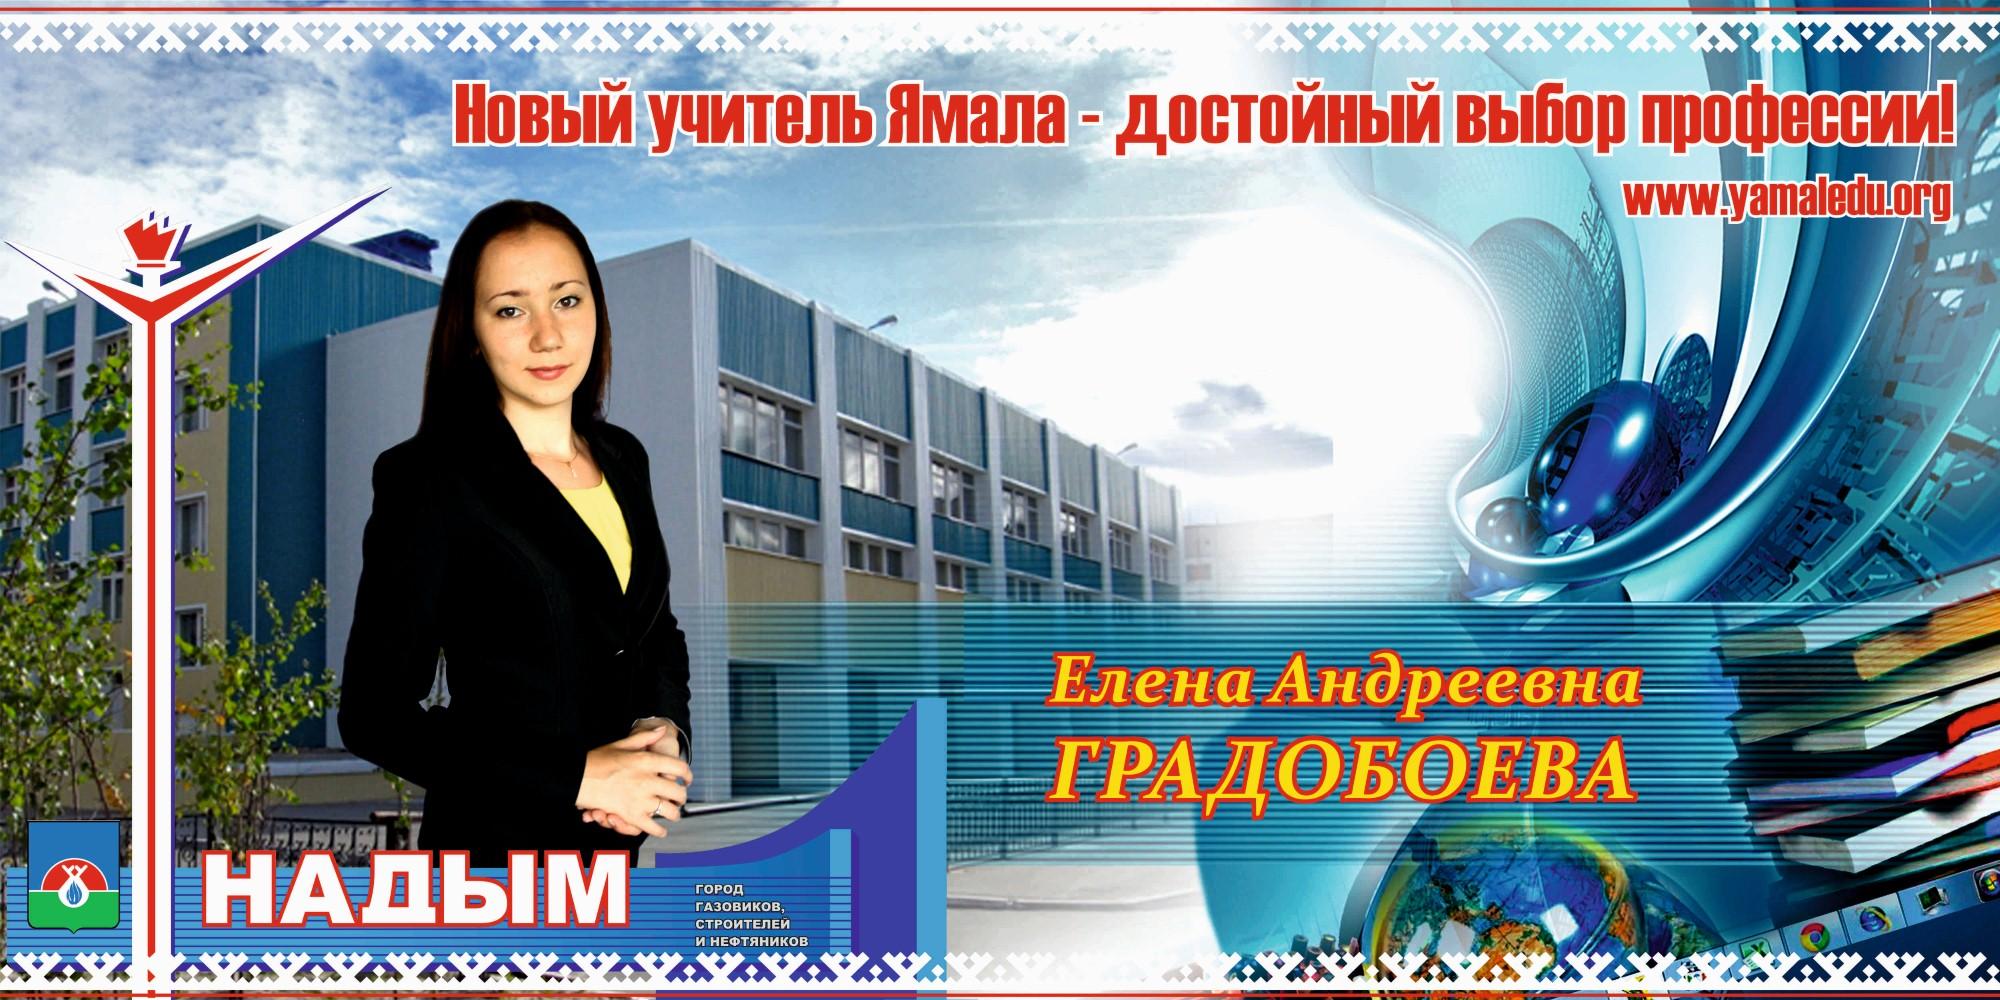 Елена Андреевна Градобоева